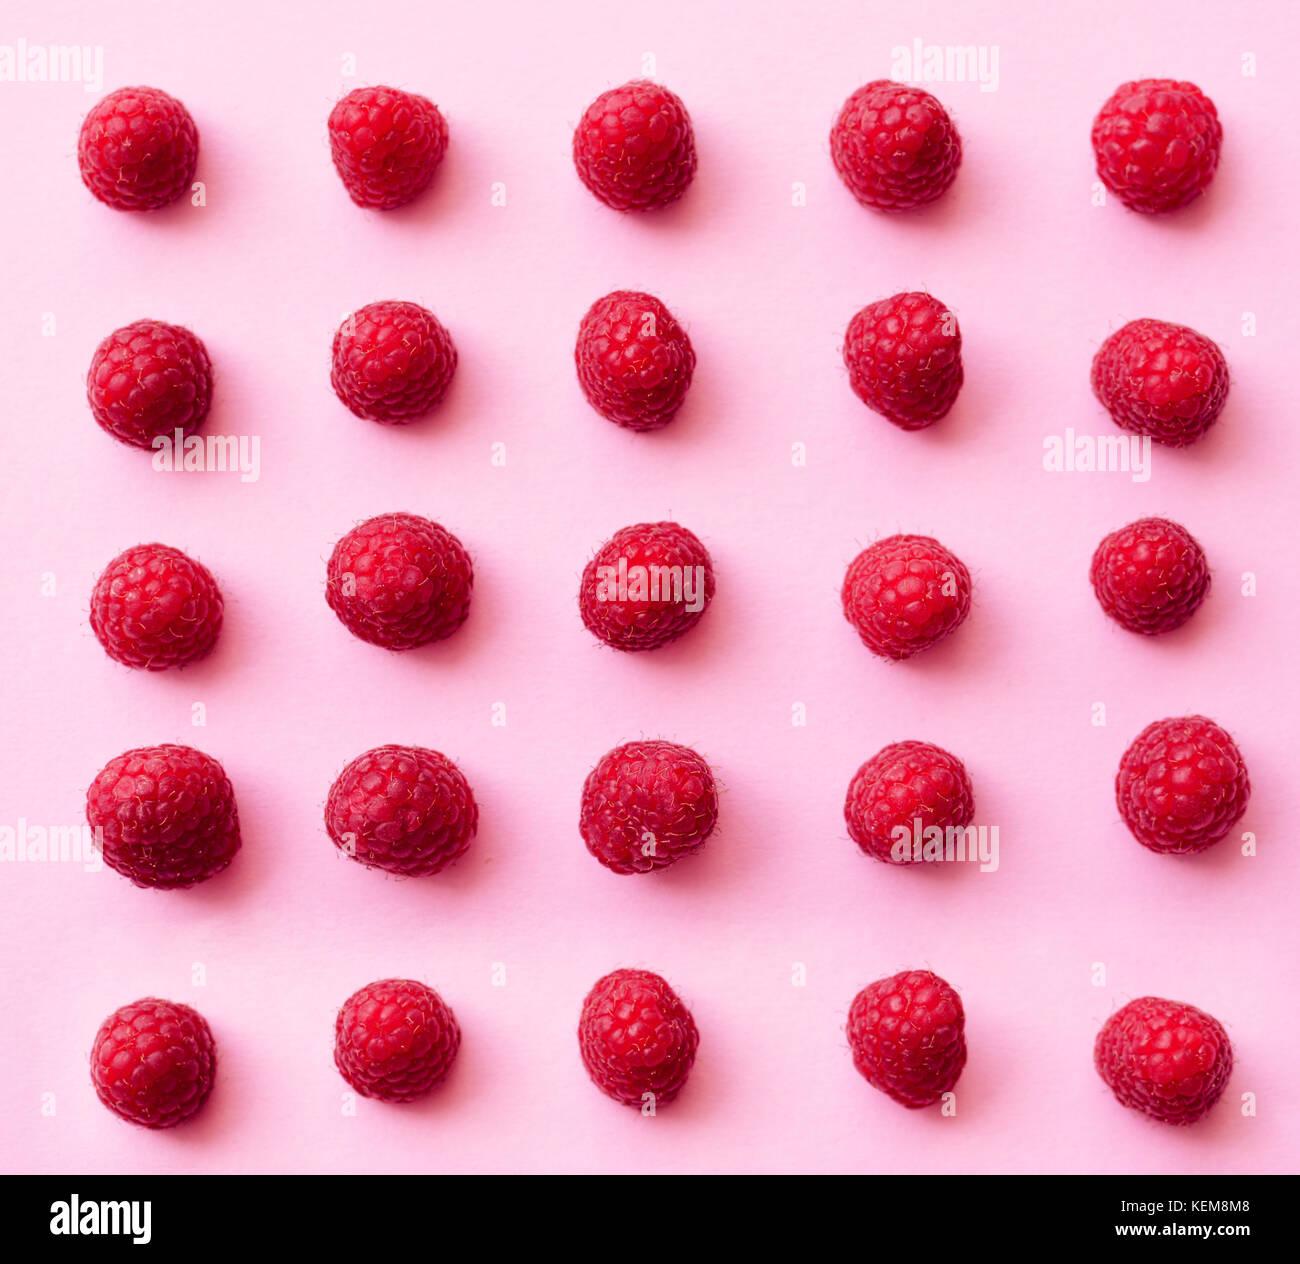 Eine schöne Auswahl an frisch gepflückte reife rote Himbeeren am trendigen rosa Hintergrund. Farbenfrohe Stockbild